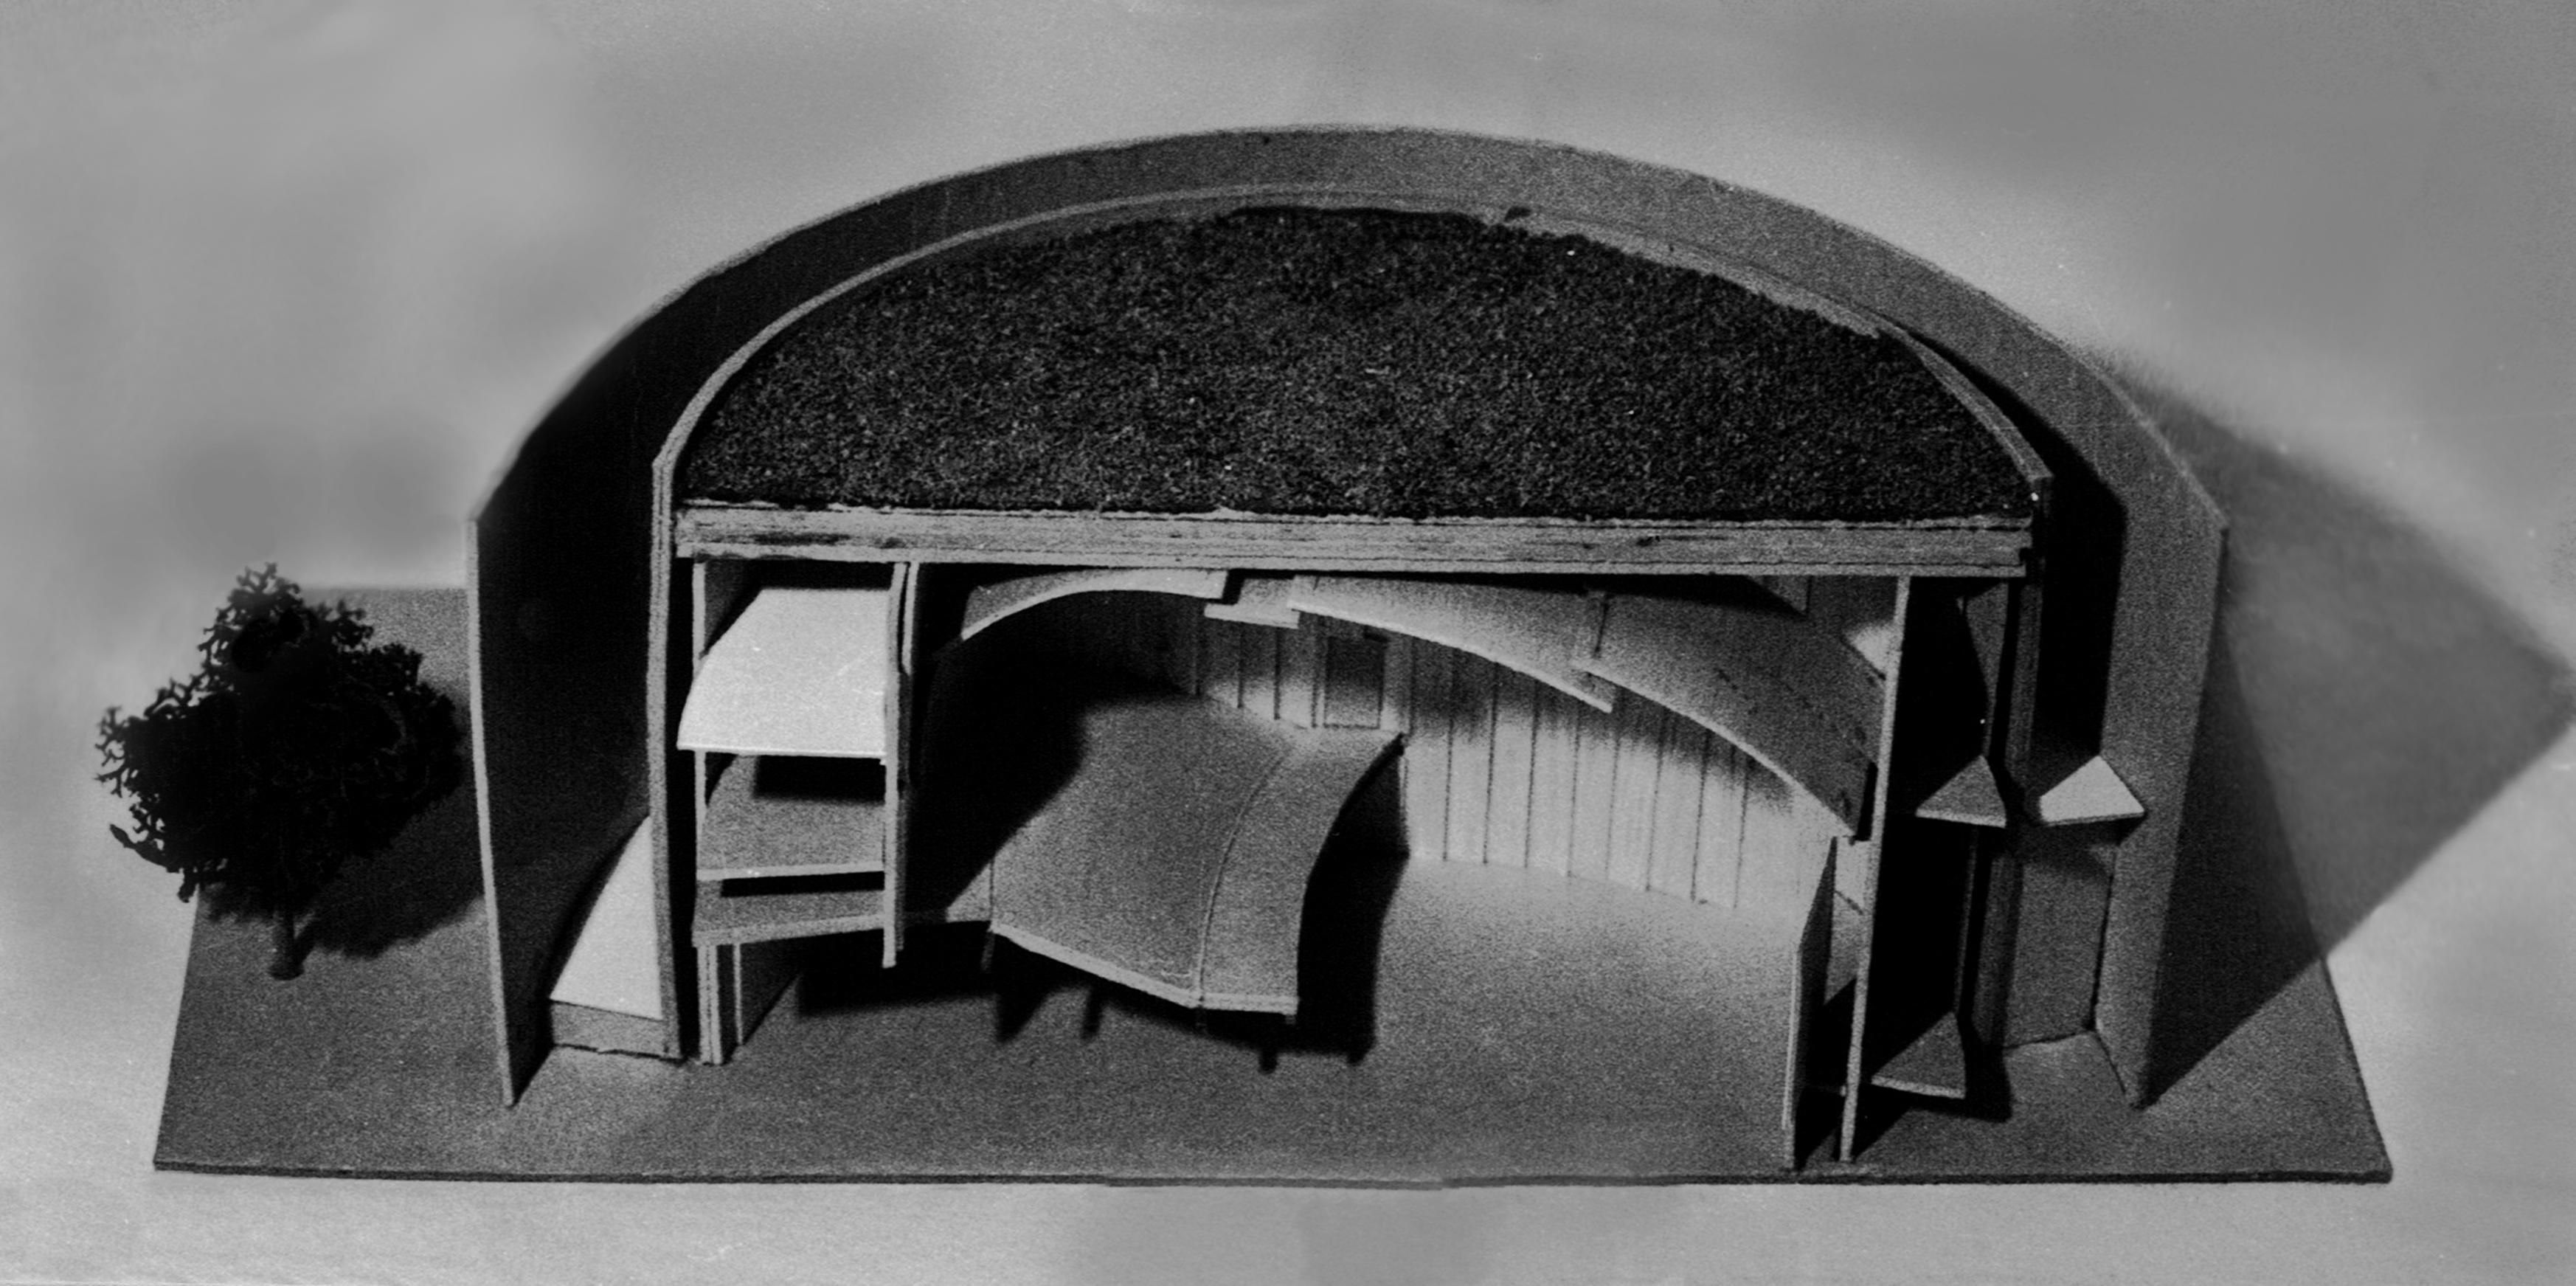 Auditorium Study